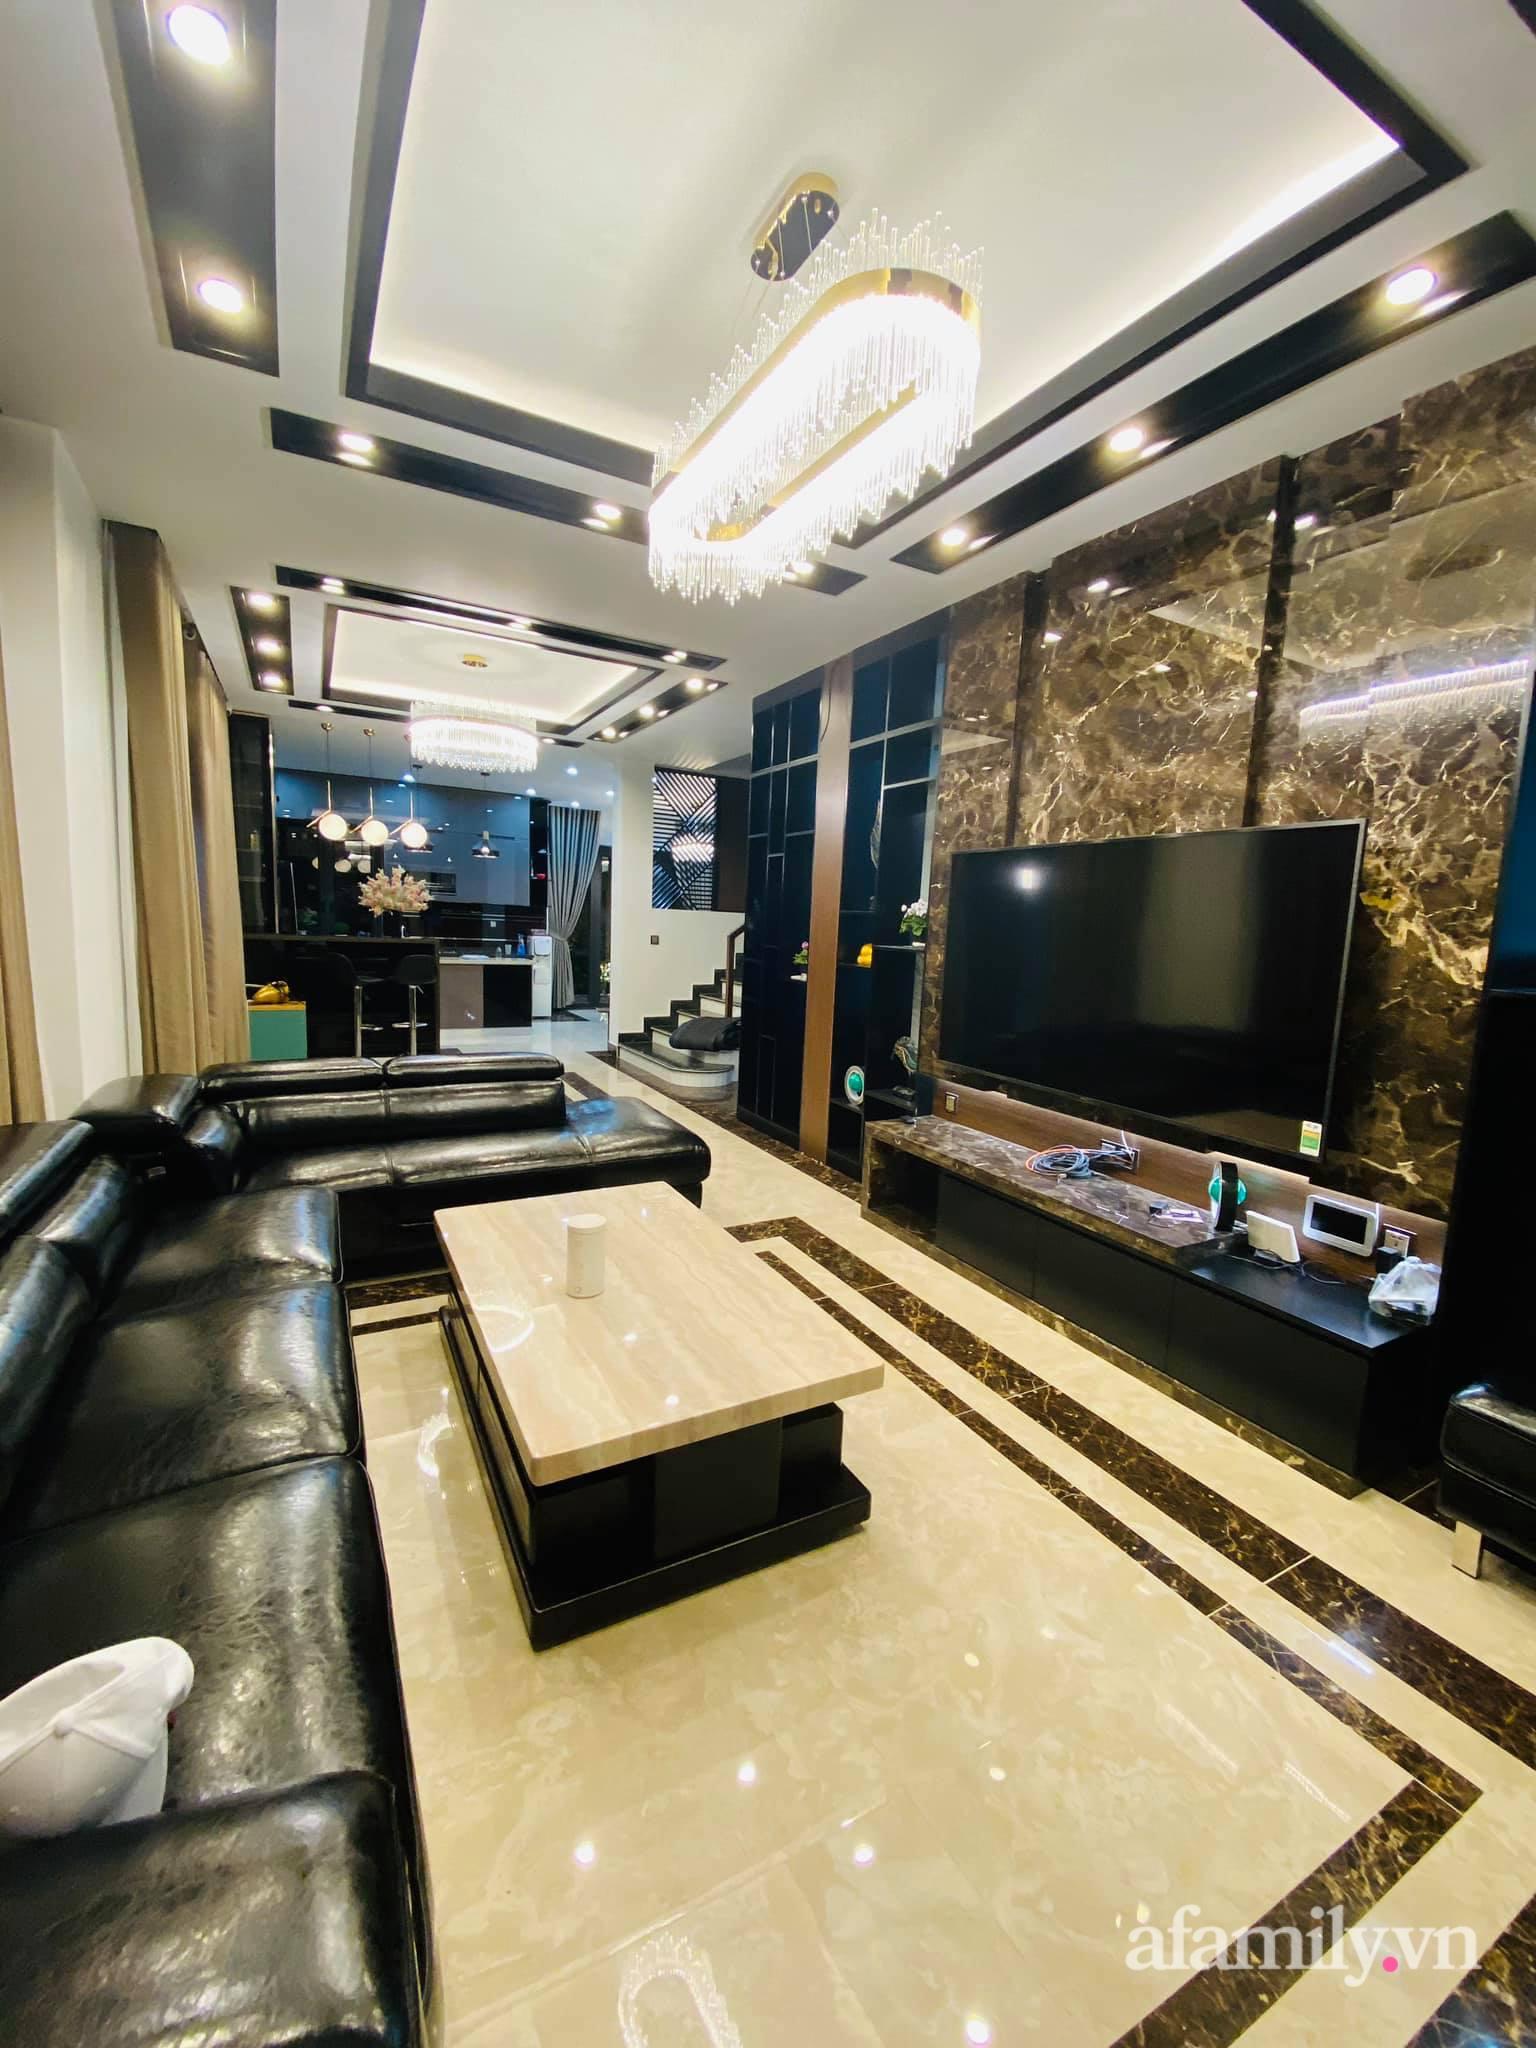 Bóc giá căn bếp đẹp chanh sả được đầu tư toàn đồ xịn sò với tổng chi phí gần 200 triệu đồng ở Hải Phòng - Ảnh 3.